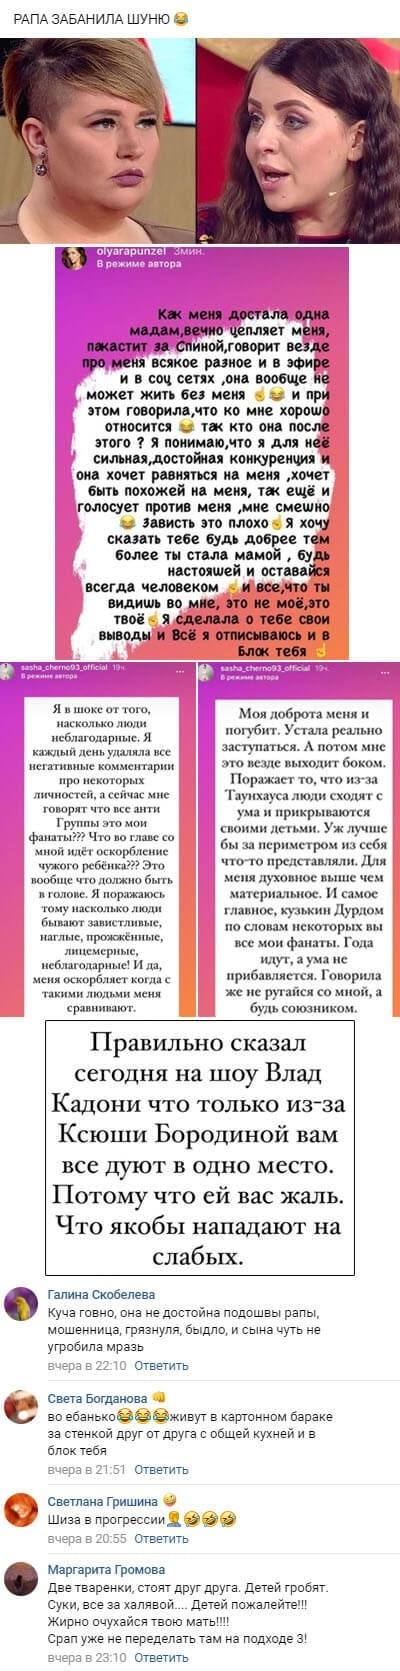 Александра Черно и Ольга Рапунцель сцепились в инстаграме